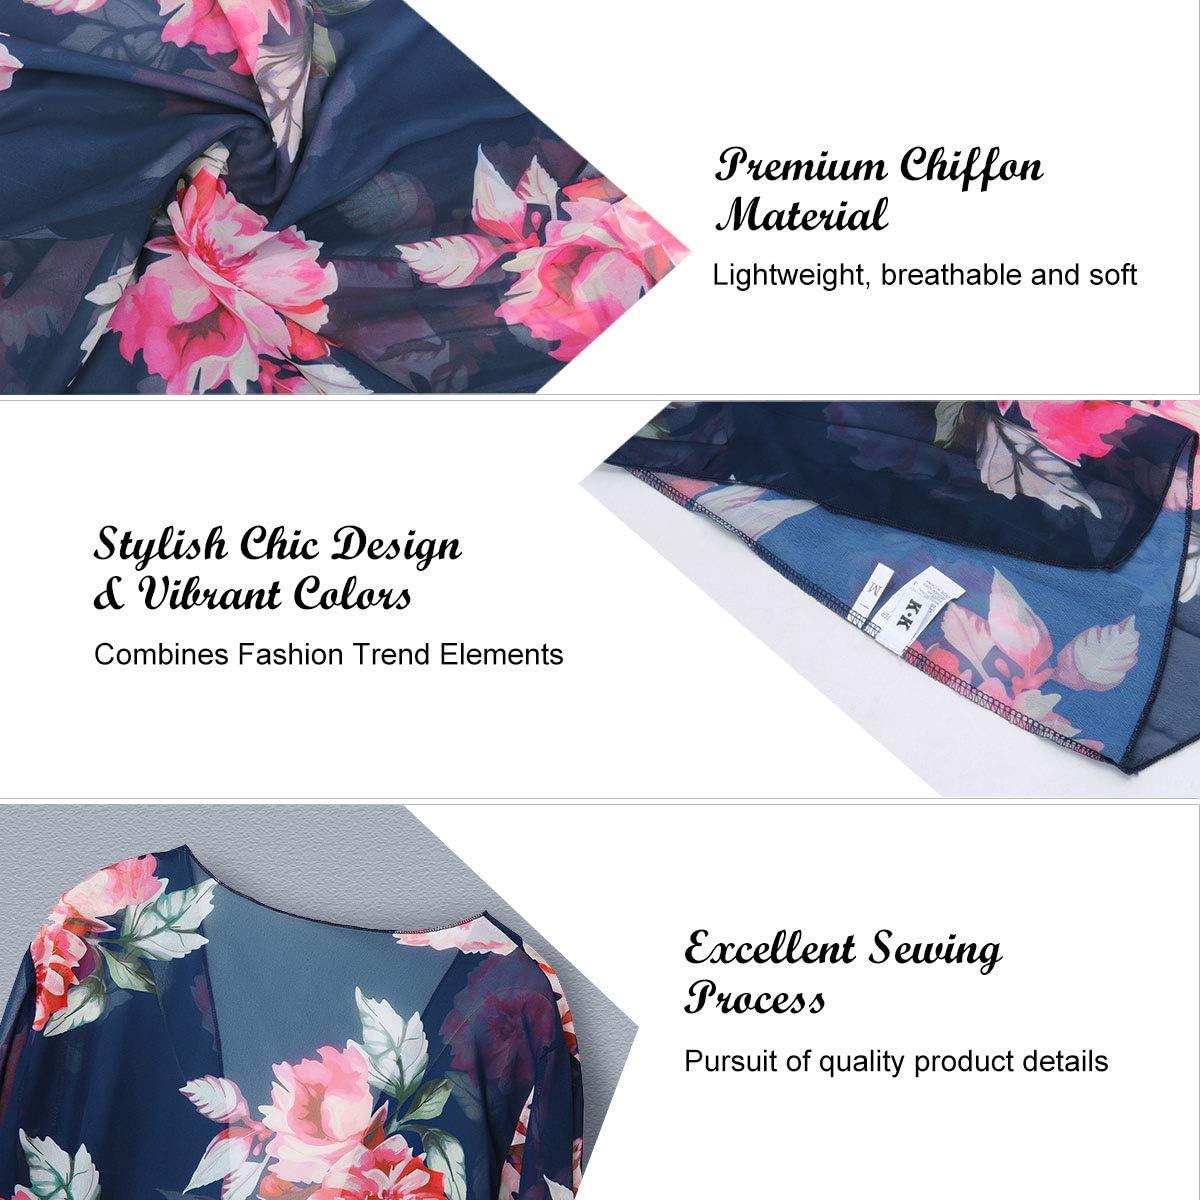 para mujer informal dise/ño floral Chaquetas de chal floral para mujer estilo boho y verano para playa Yonhee